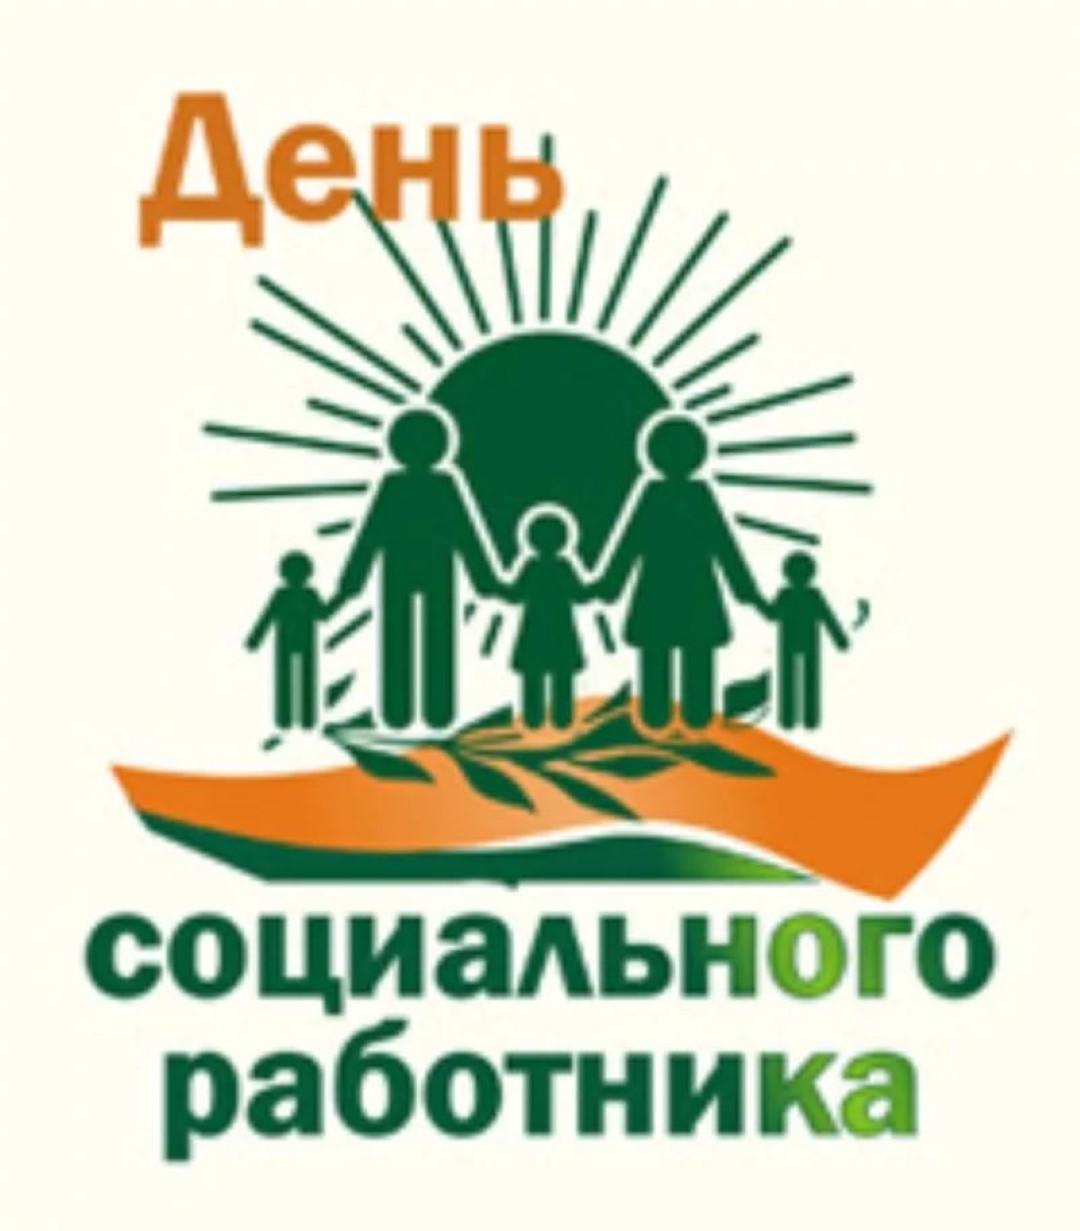 Поздравление с днем социального работника коллективу